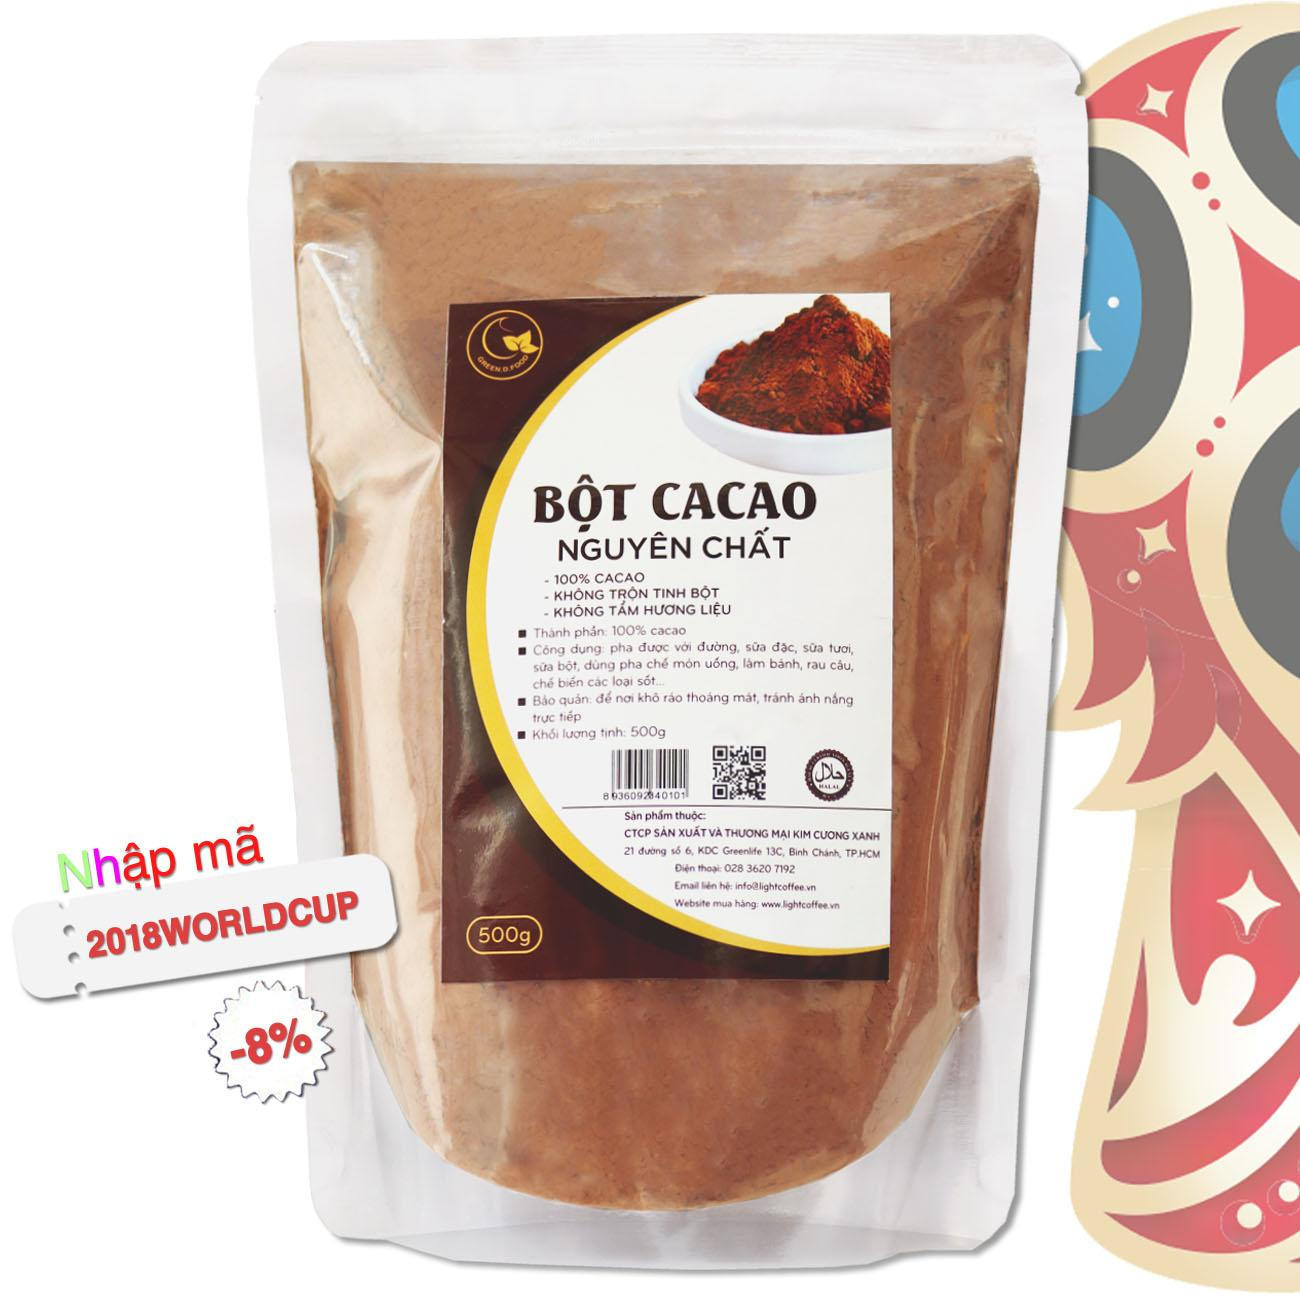 Hình ảnh Cacao nguyên chất 100% - Bột cacao - Light Ca cao - 500gr